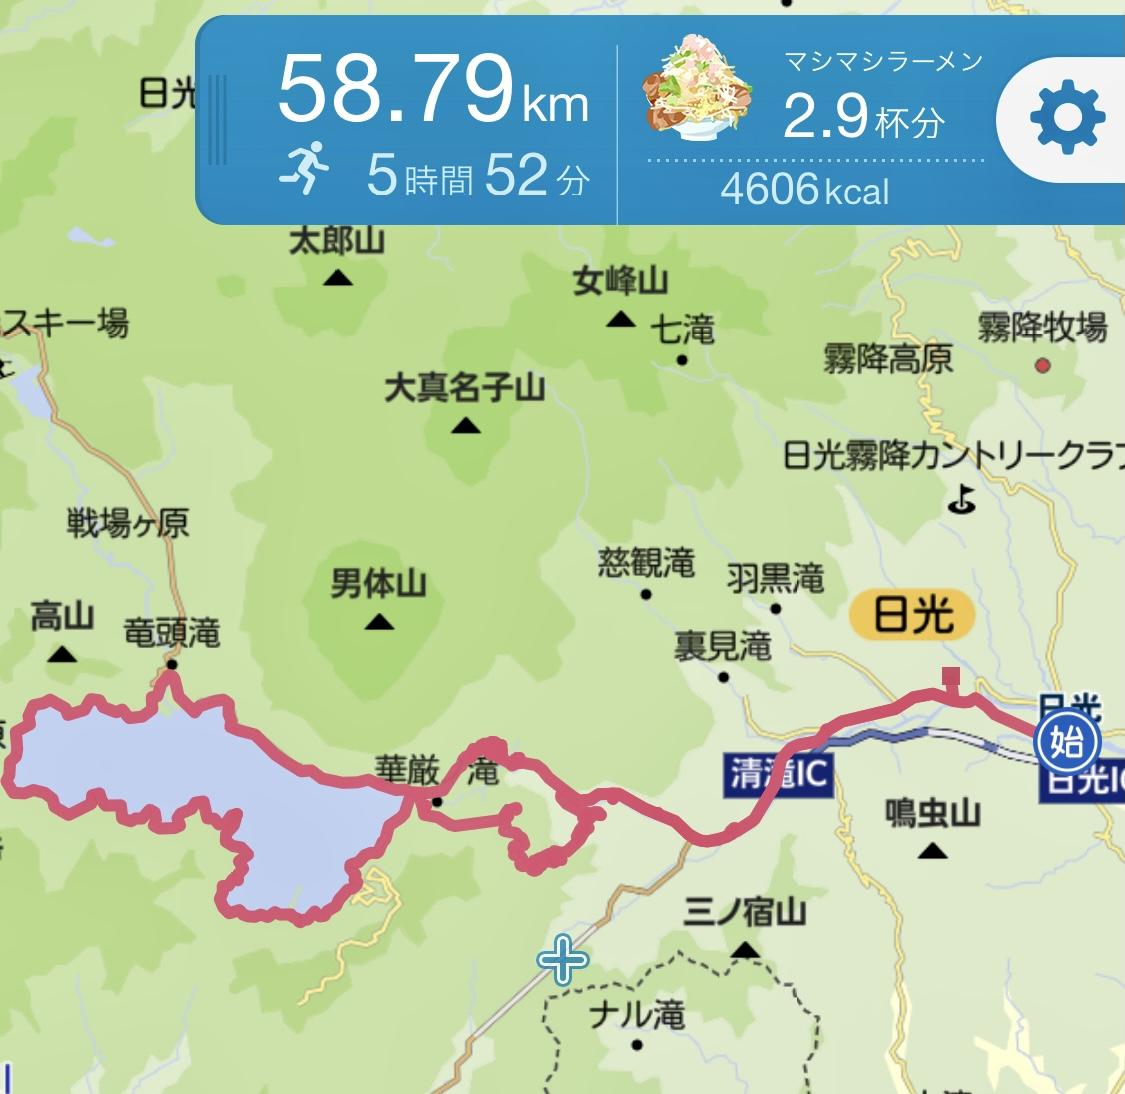 日光からいろは坂、中禅寺湖1周といろは坂をランで走破